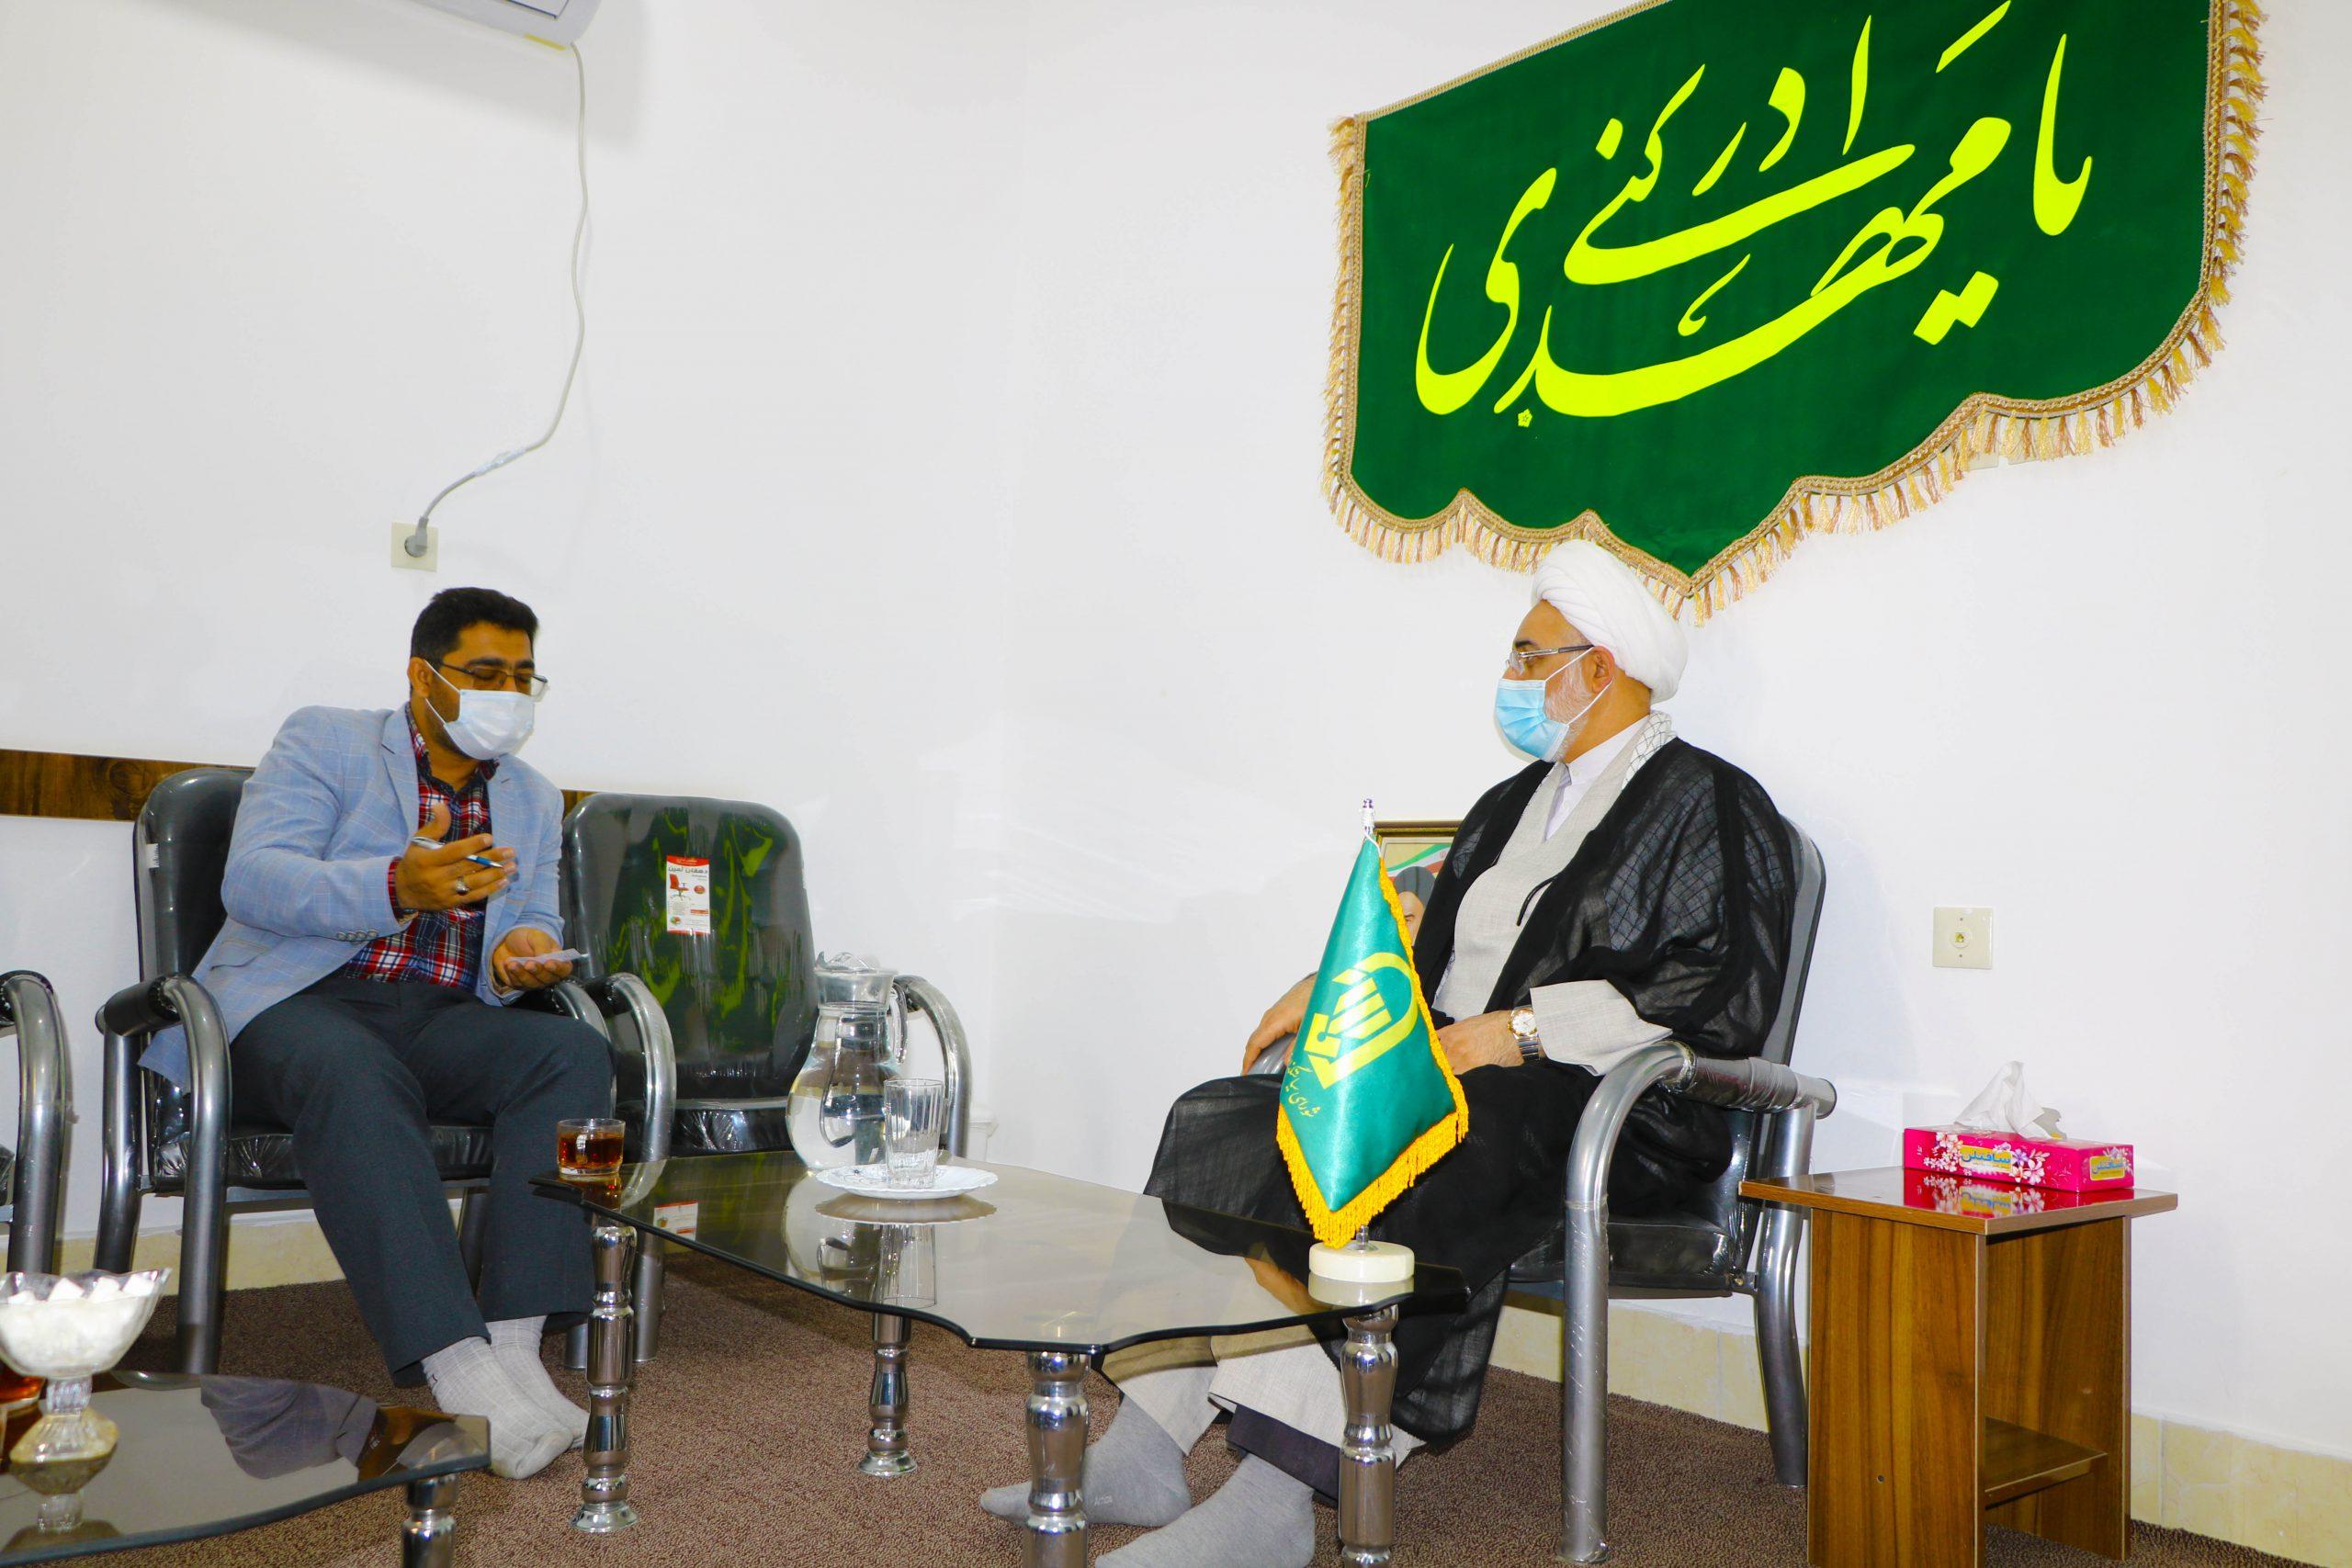 دیدارریاست دانشگاه با امام جمعه محترم شهرستان لامرد